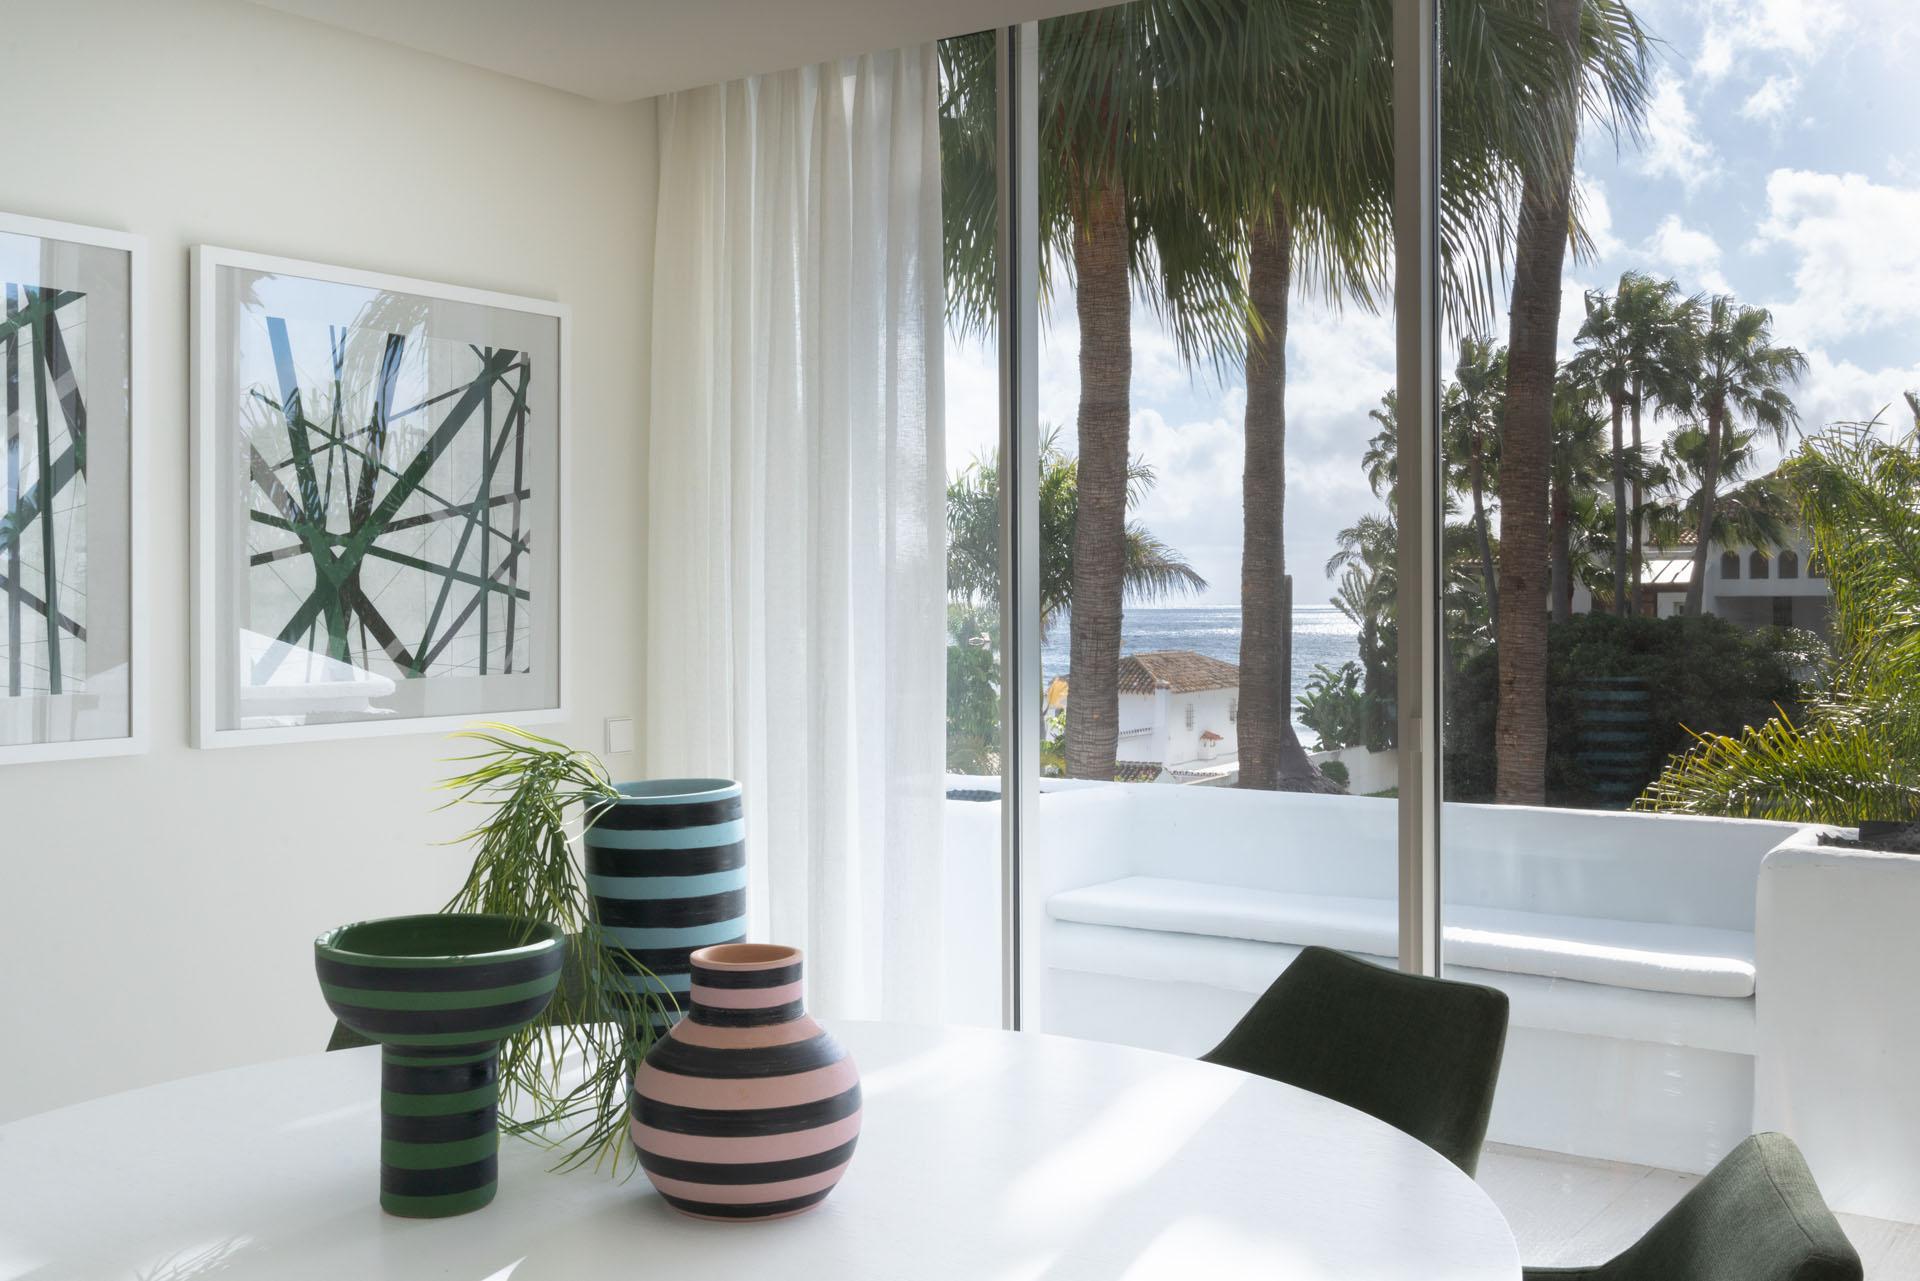 Puente Romano duplex apartment interior design dining room details